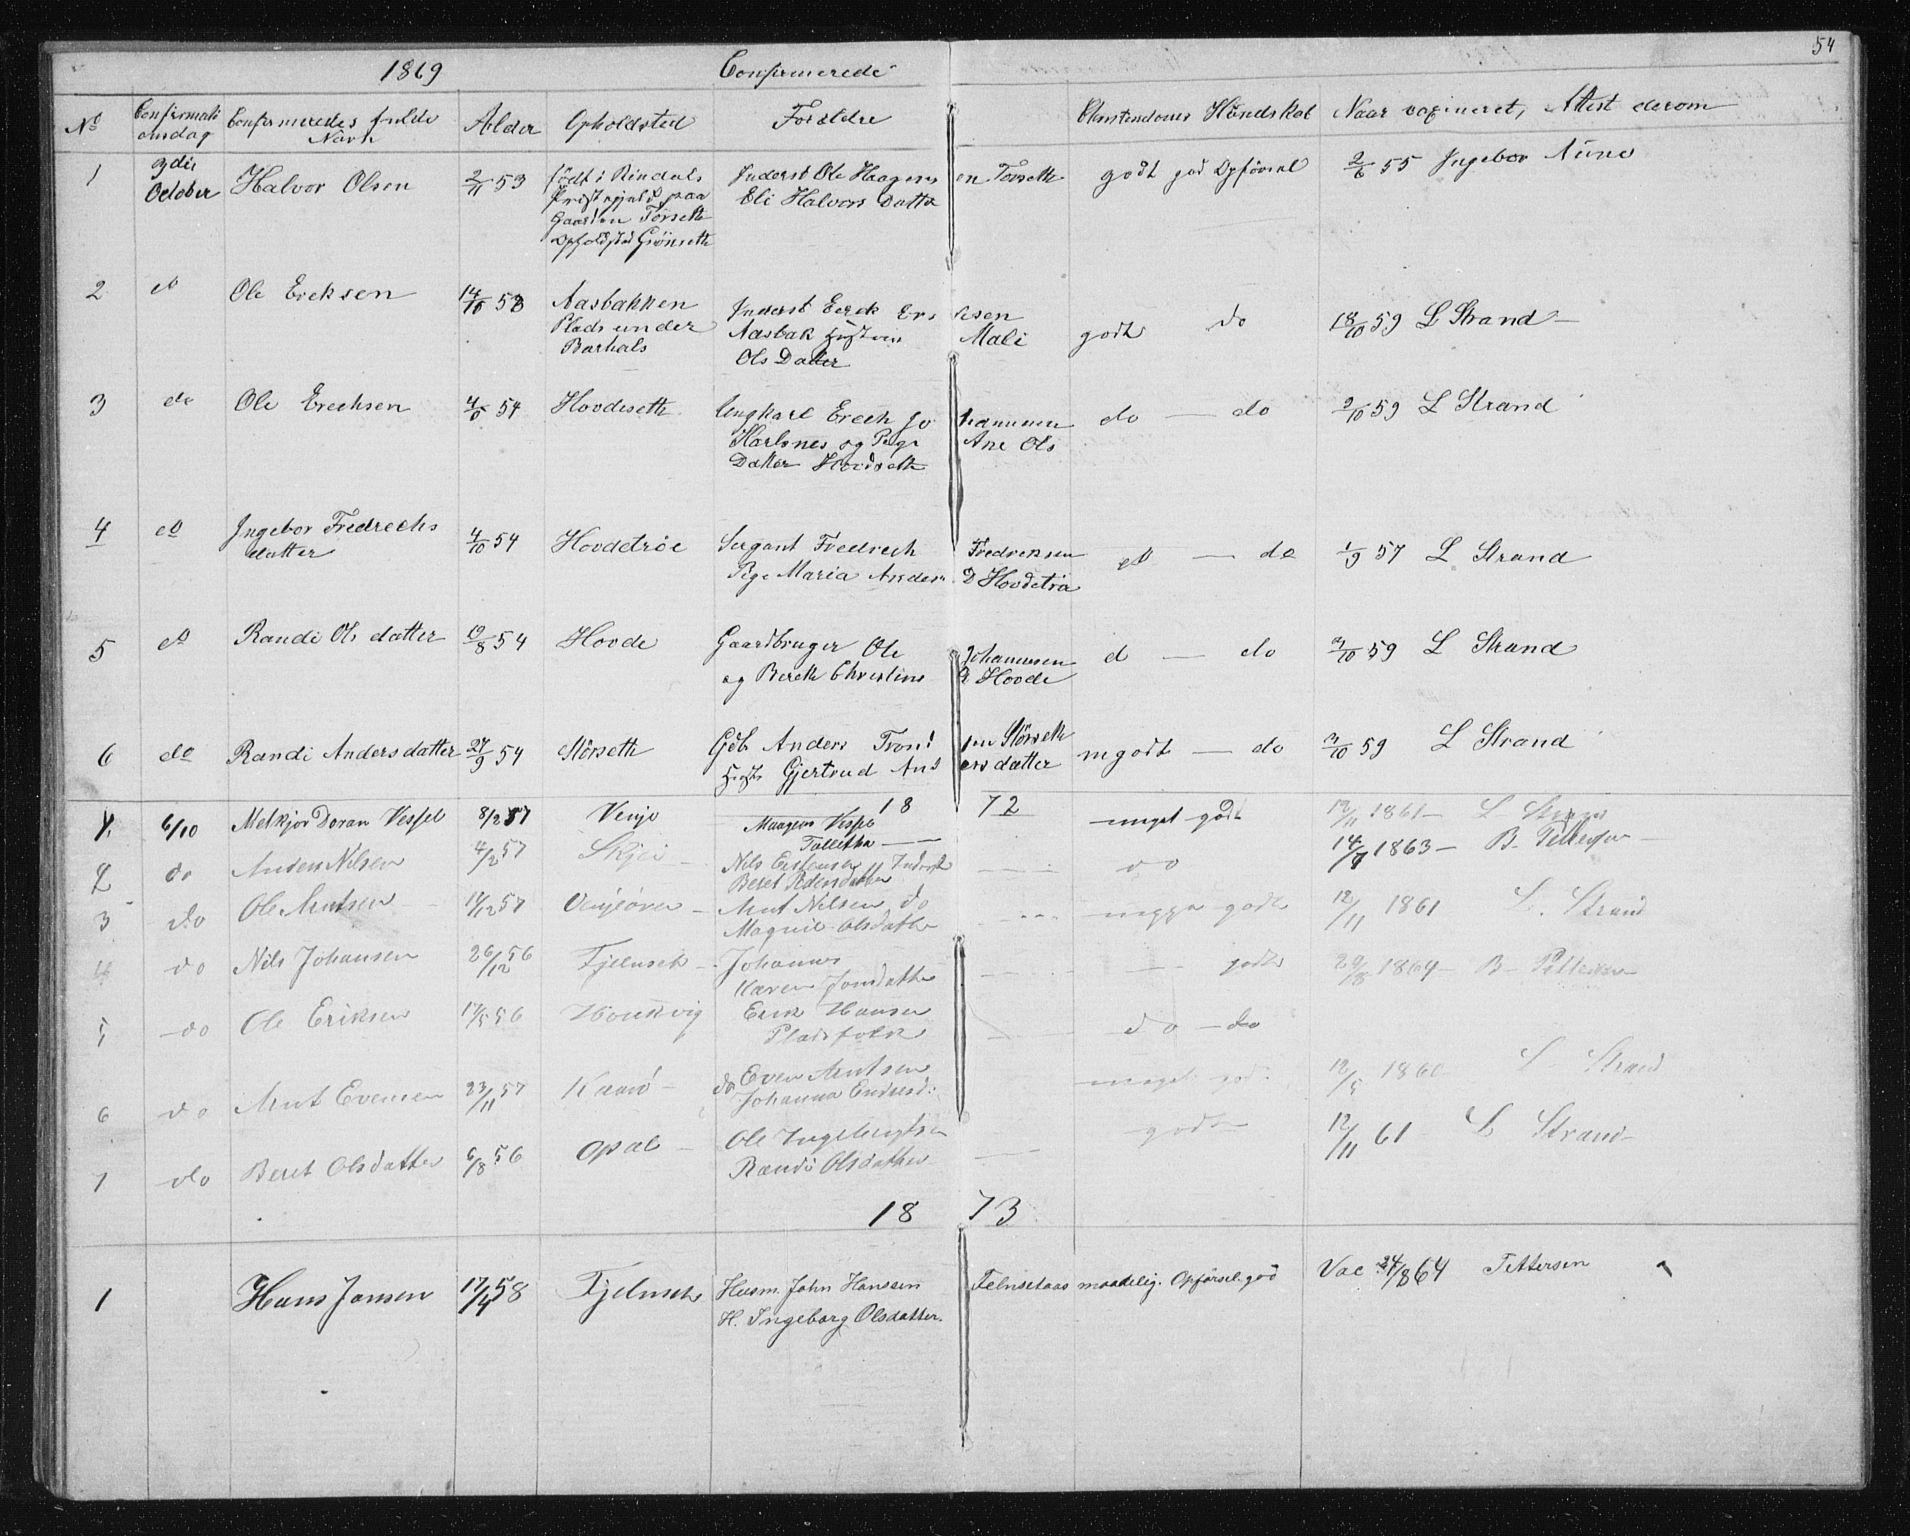 SAT, Ministerialprotokoller, klokkerbøker og fødselsregistre - Sør-Trøndelag, 631/L0513: Klokkerbok nr. 631C01, 1869-1879, s. 54